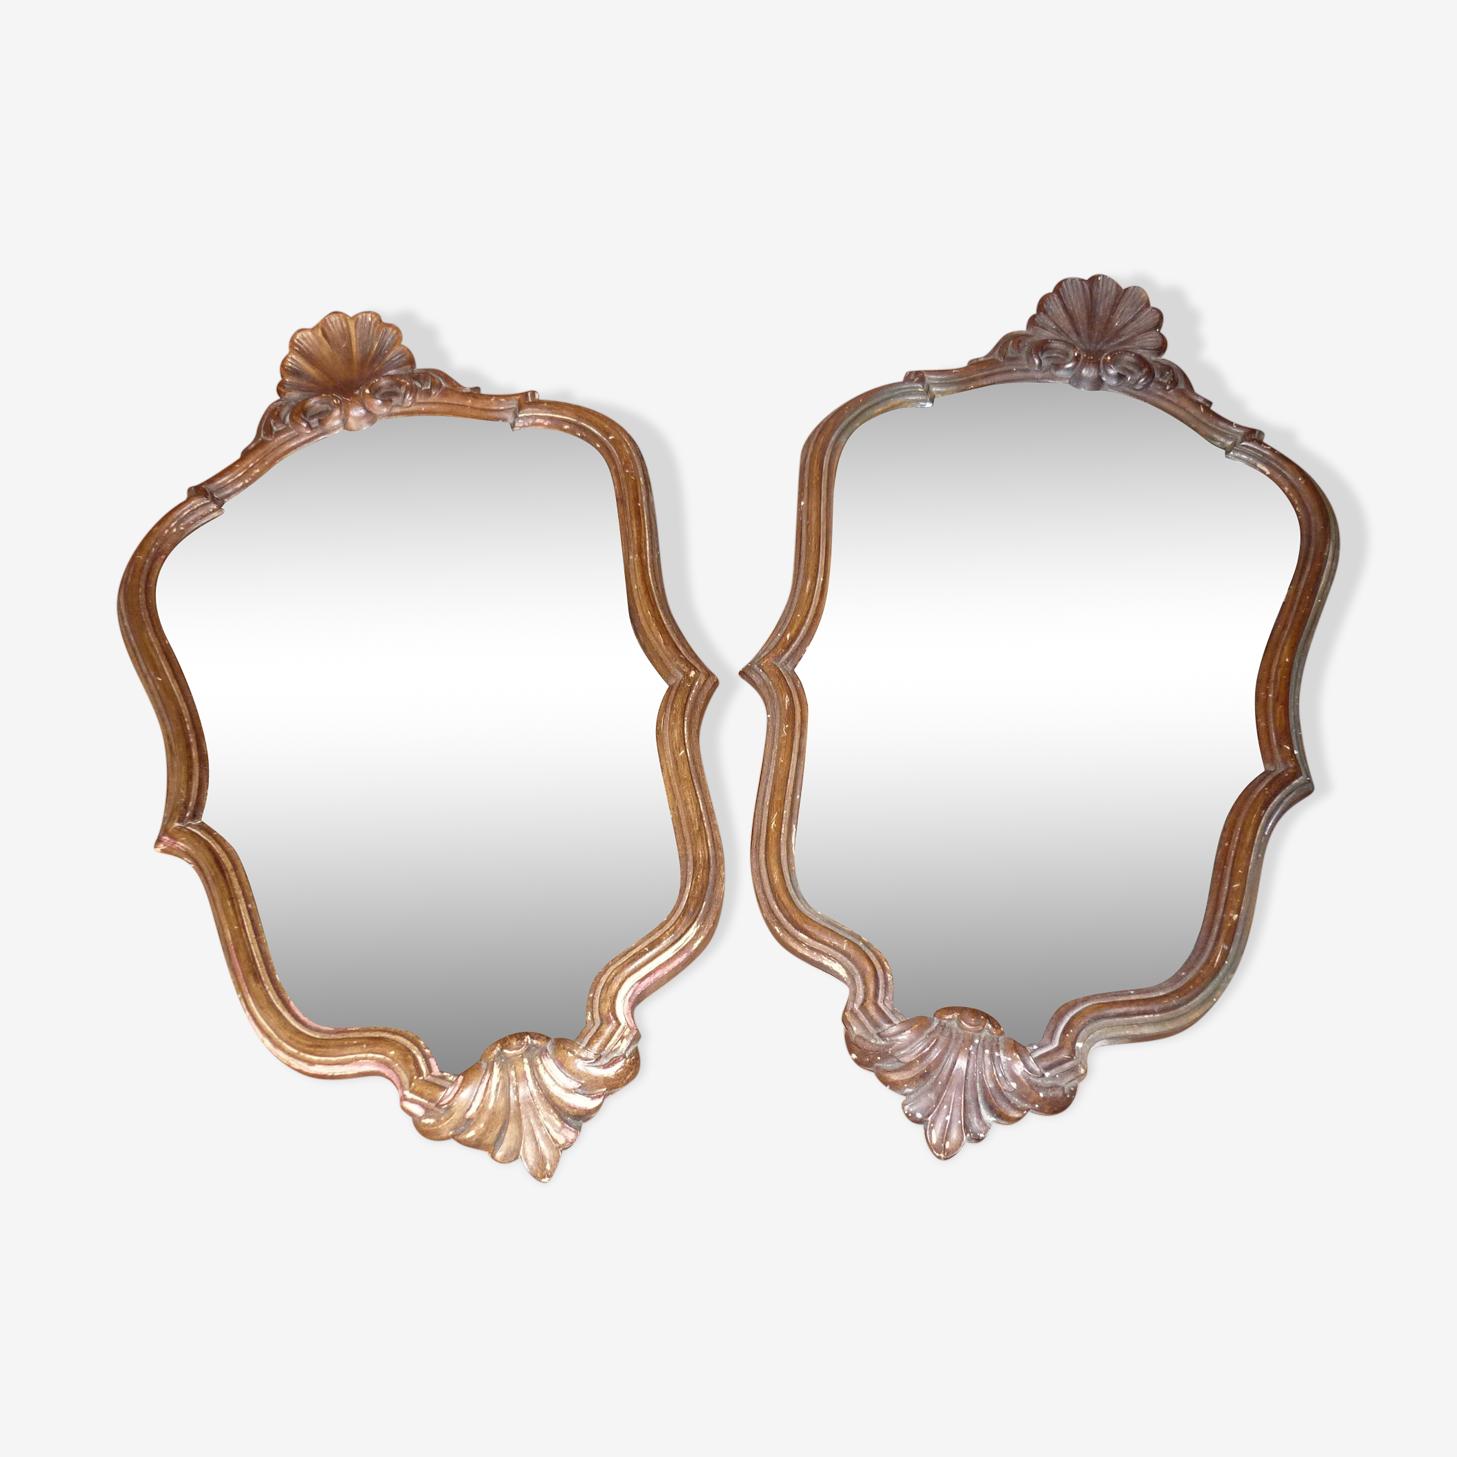 Paire de miroirs style Louis XV en bois  60x34 cm